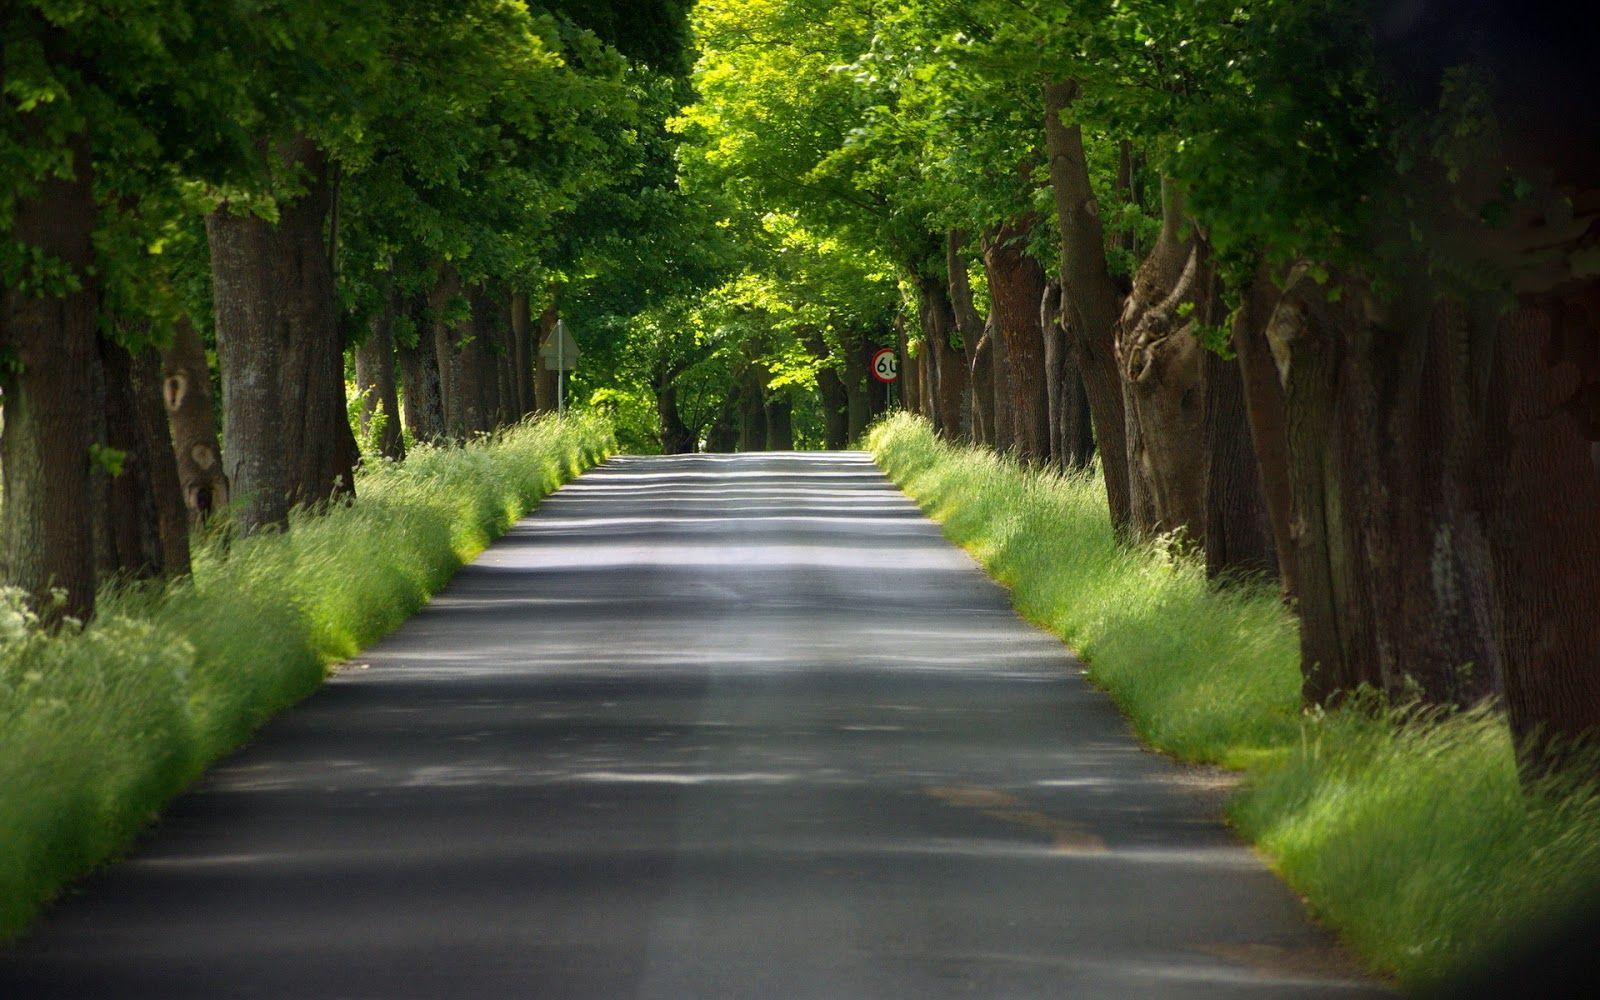 carretera-con-arboles